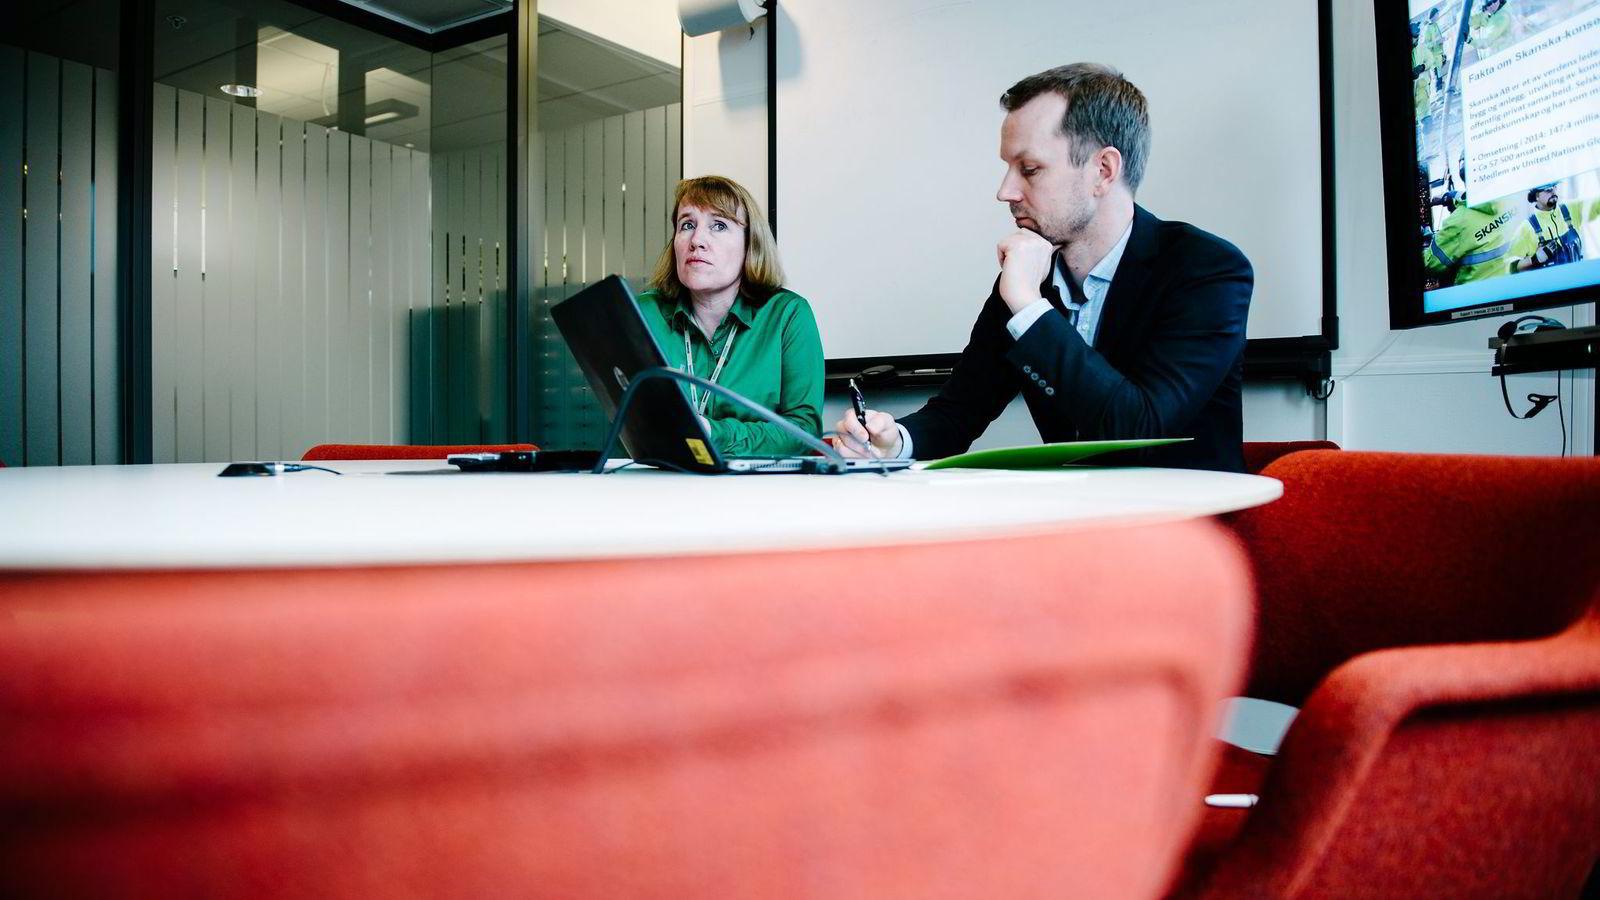 I det norske hovedkontoret til entreprenøren Skanska har Tone Nakstad som er konserndirektør for virksomhetsutvikling og rekrutteringssjef Christian Scheen gjort seg klar til jobbintervju med en kandidat fra oljenæringen.